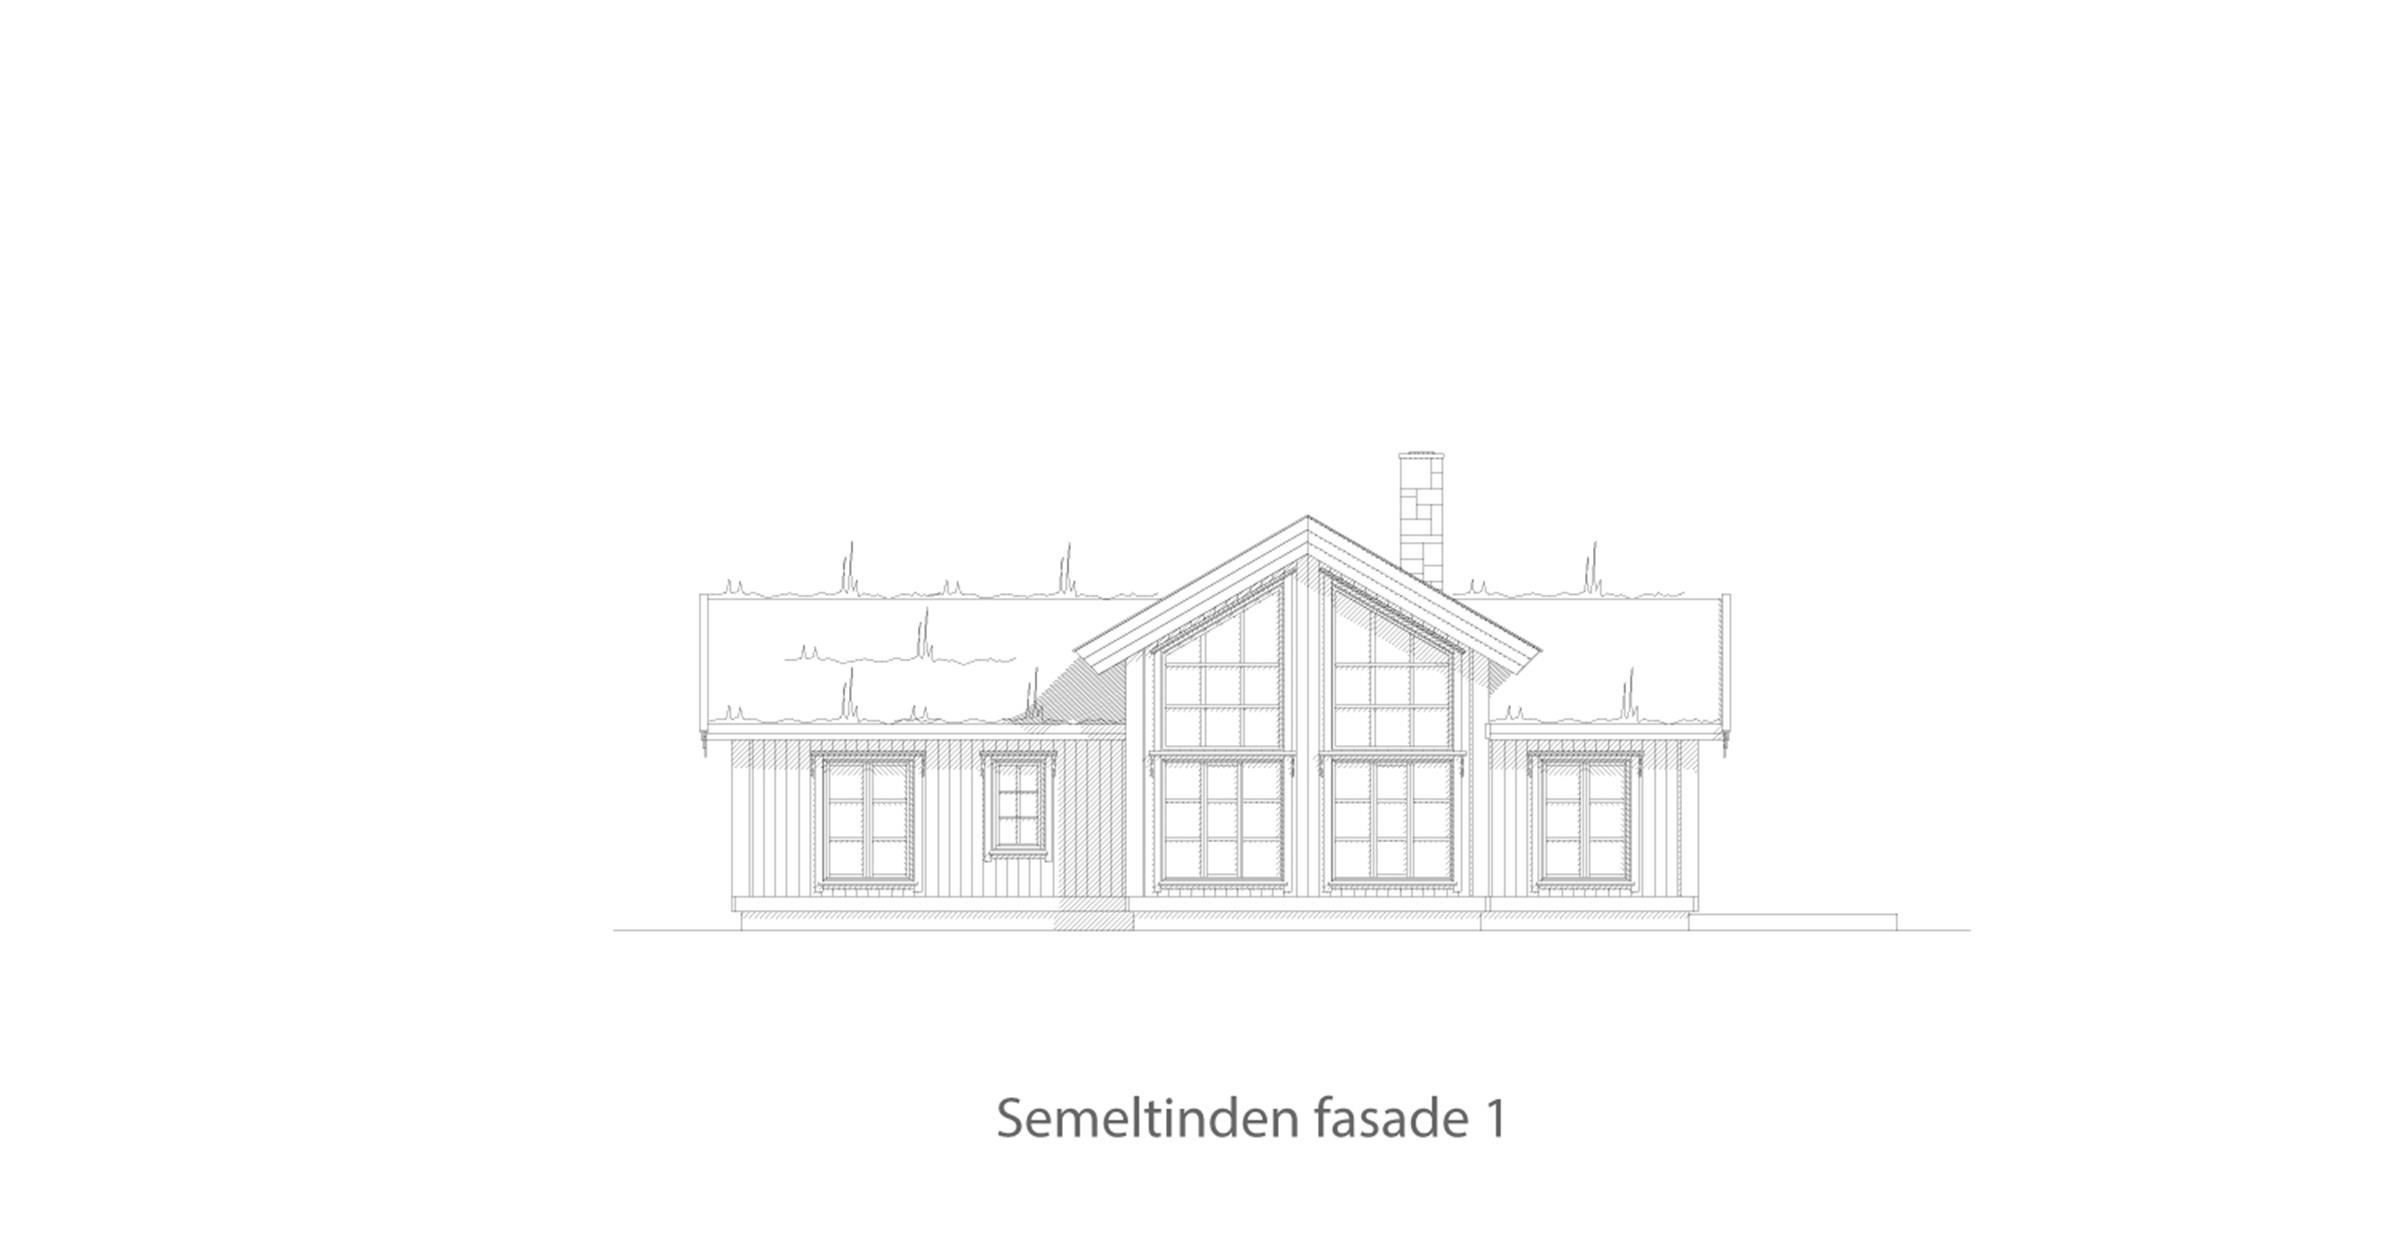 Semeltinden fasade 1